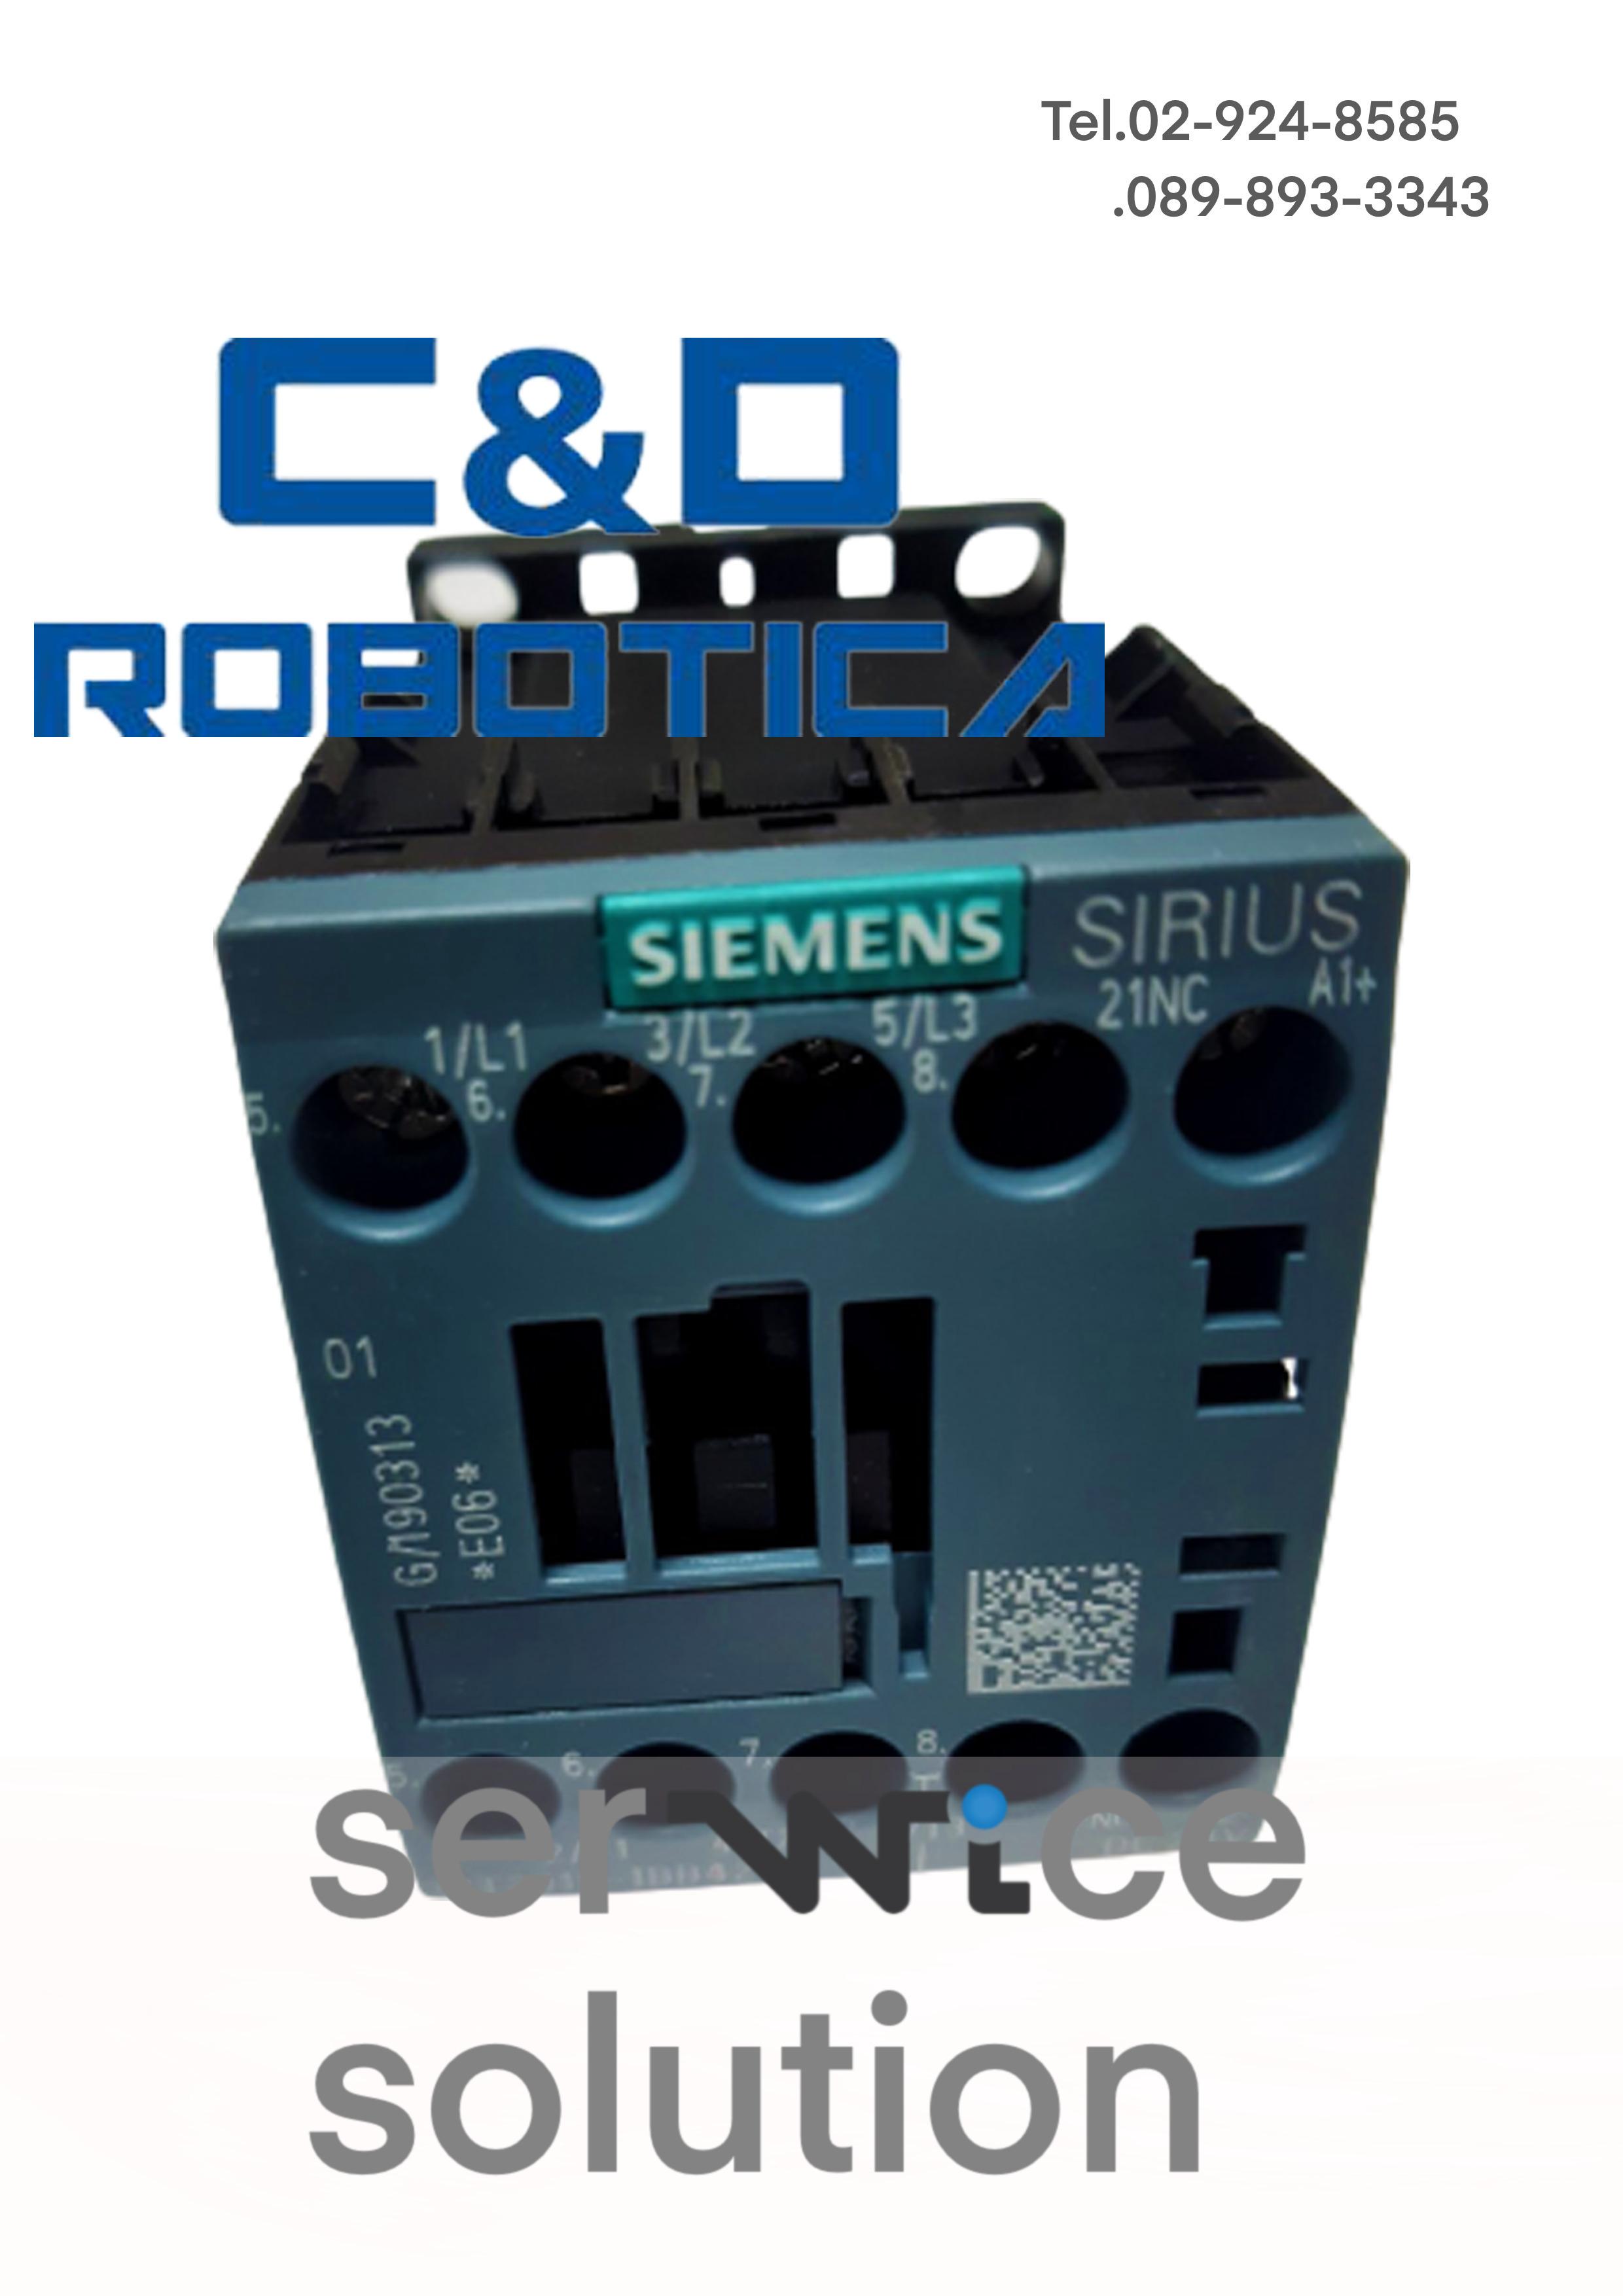 Contactor CONT.3KW,1R,DC 24V,S00 VT [C&D-CWI100007]